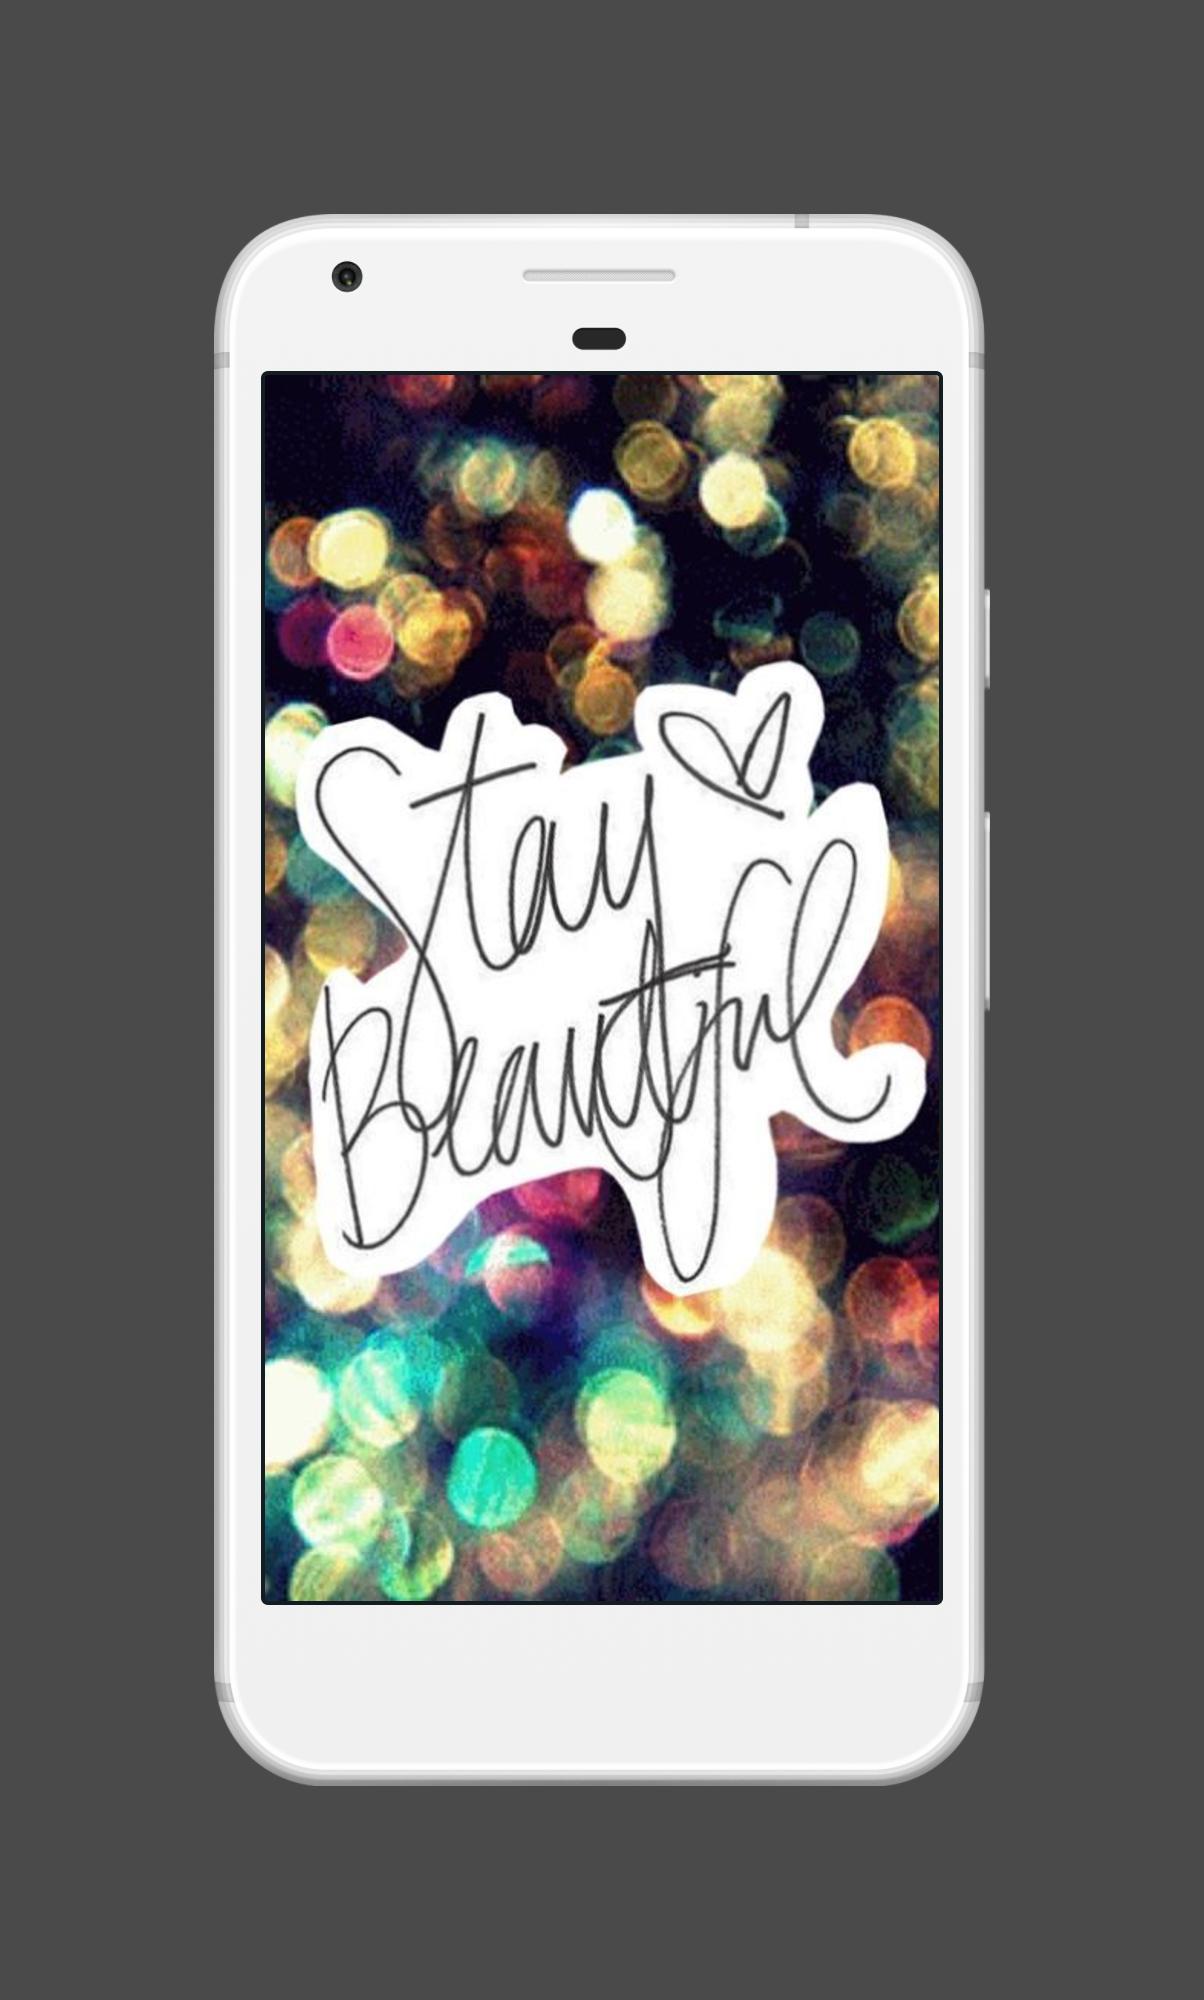 Download 73 Koleksi Wallpaper Iphone Yang Cantik Terbaik